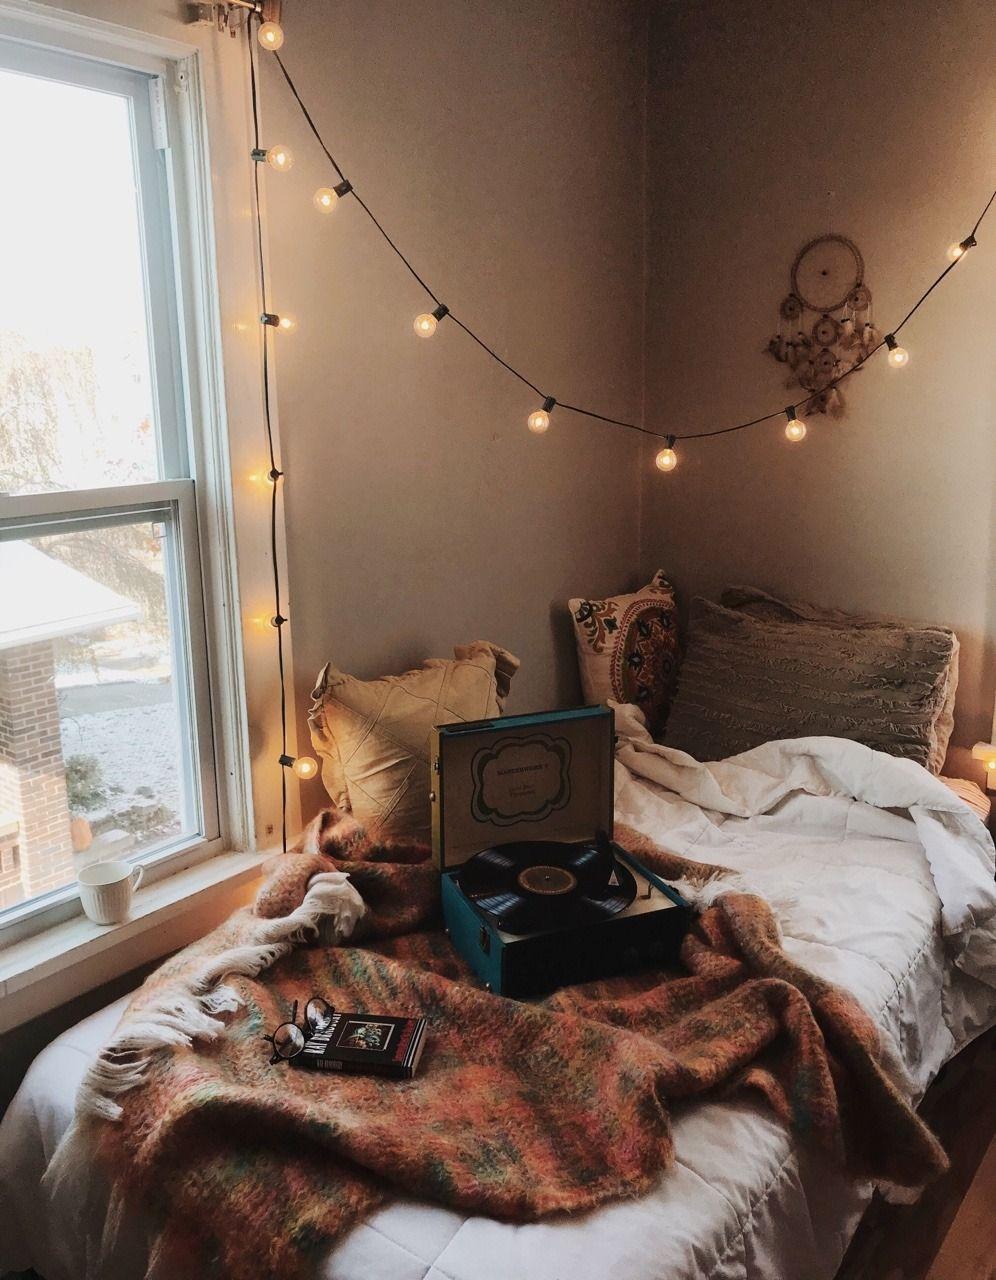 Aesthetic Room Decor Ideas Diy - 2021